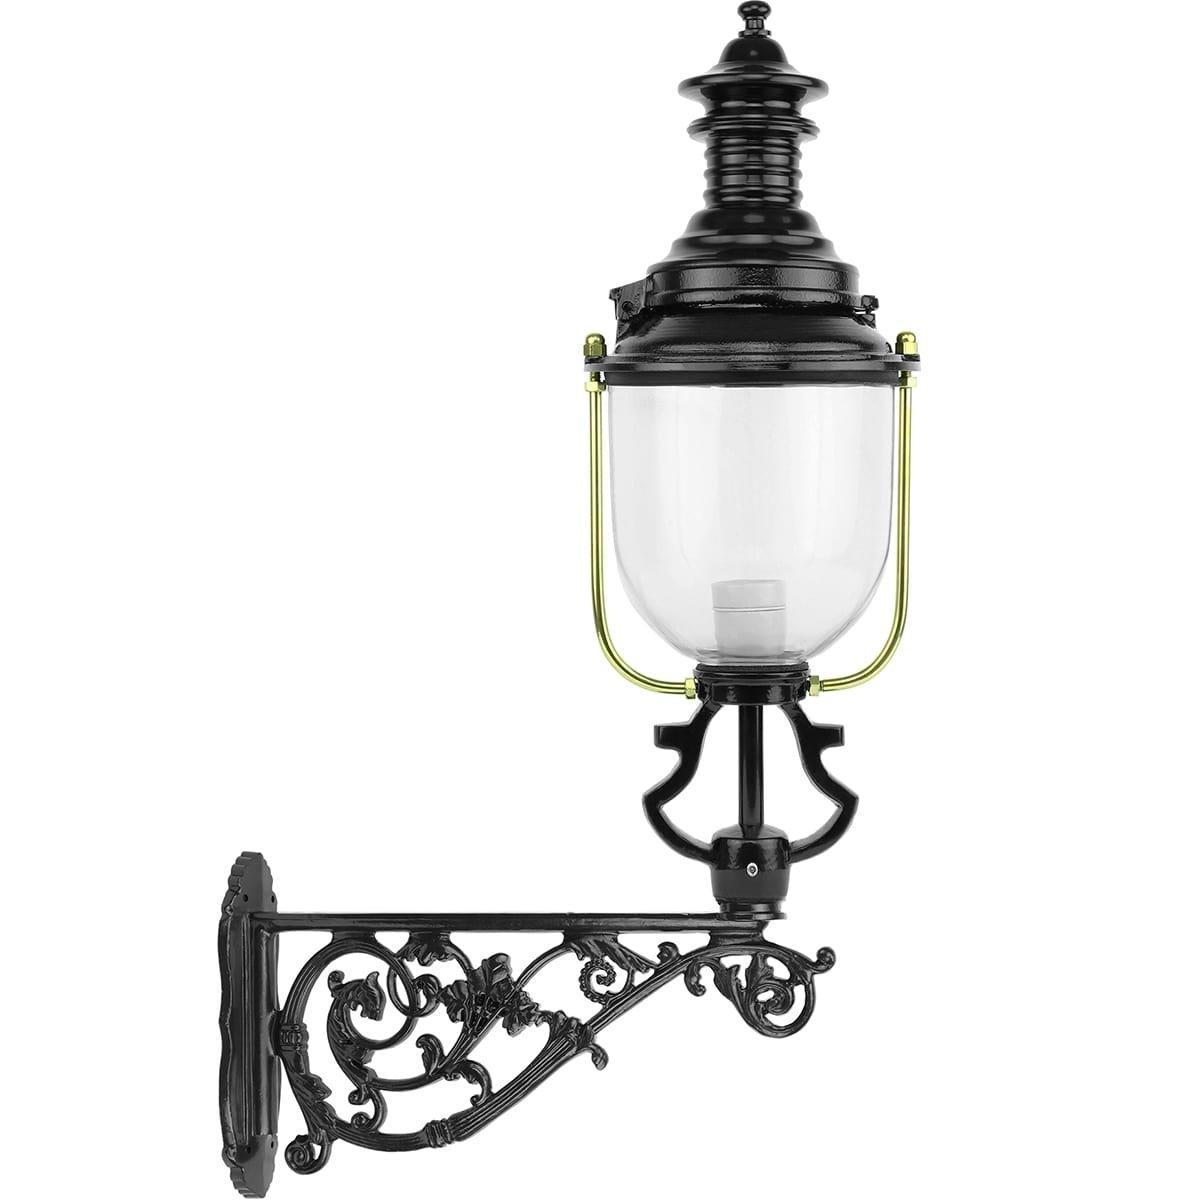 Buitenverlichting Klassiek Landelijk Entree lantaarn Aerdenhout - 159 cm